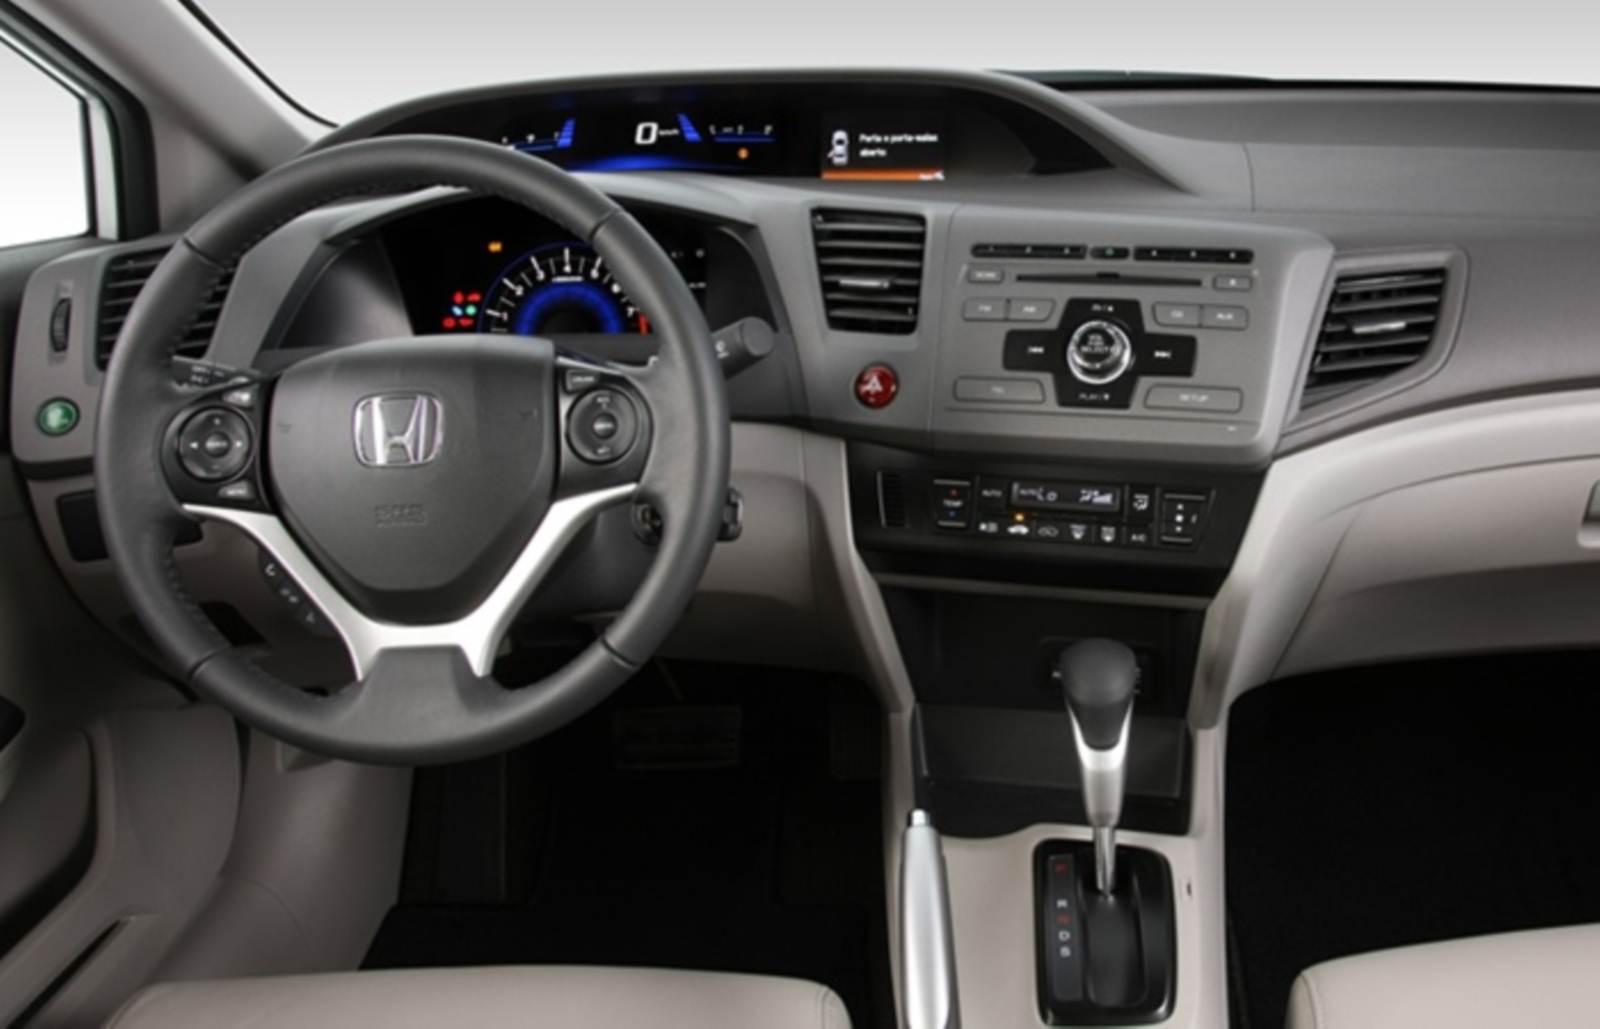 Cambio Automatico  Civic Lxr 2014 Preco